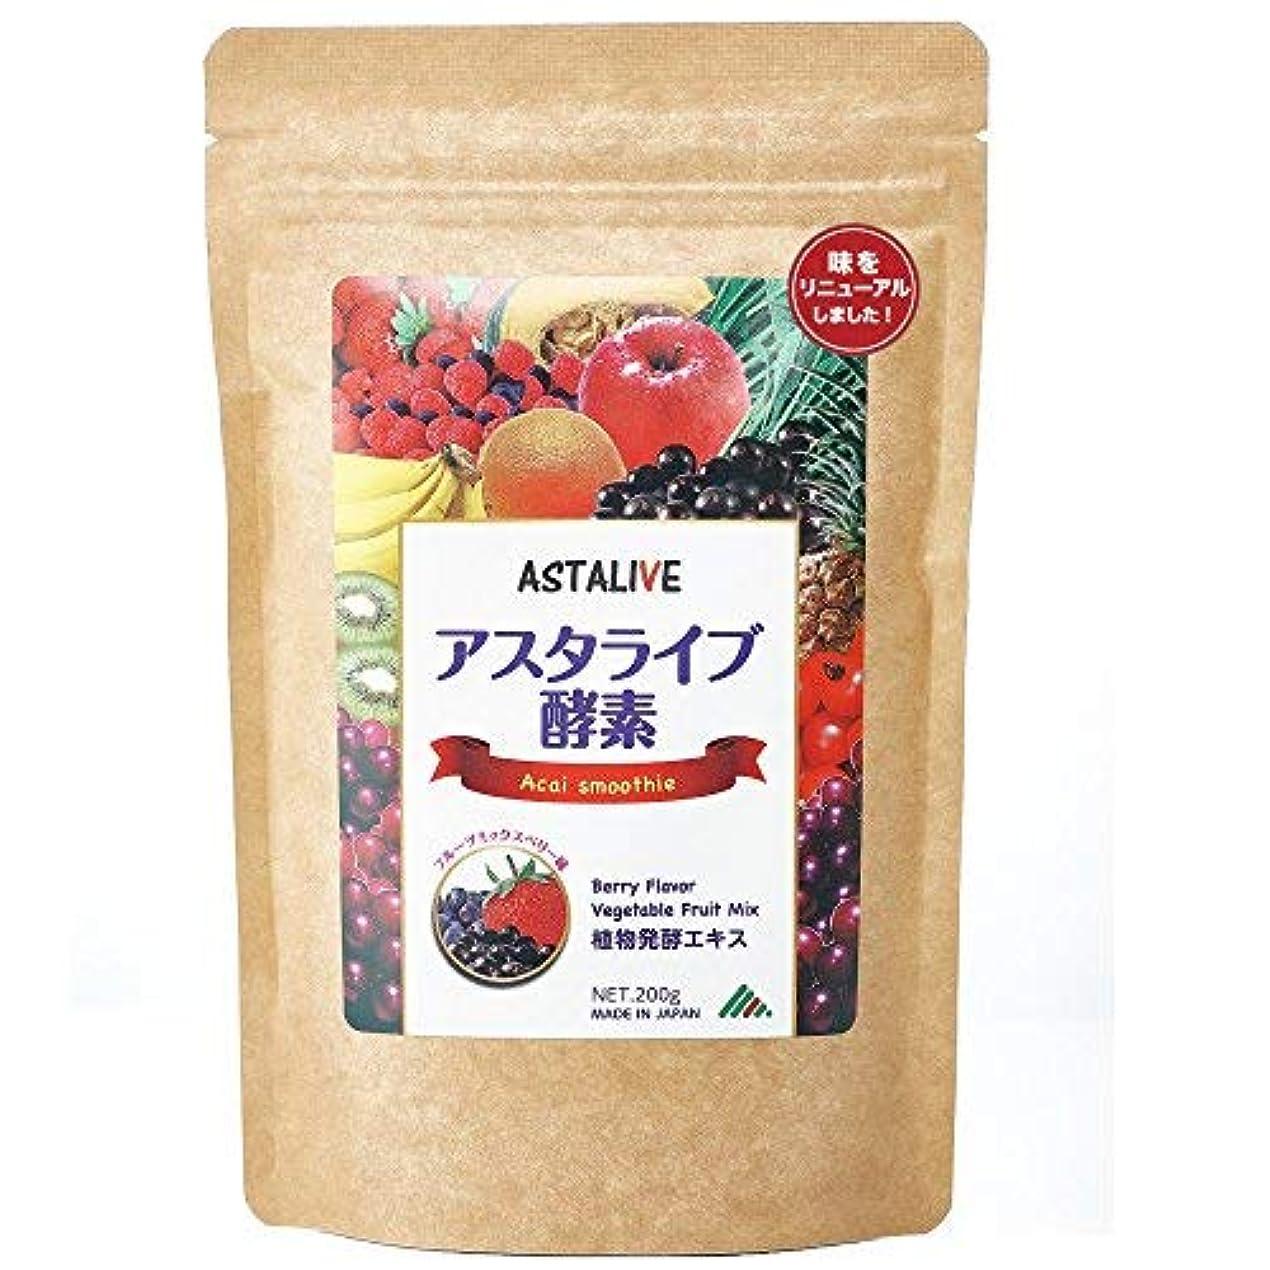 欠伸アンテナランドリーASTALIVE(アスタライブ) 酵素 スムージー チアシード 乳酸菌 麹菌 入り フルーツミックスベリー味 200g (1)